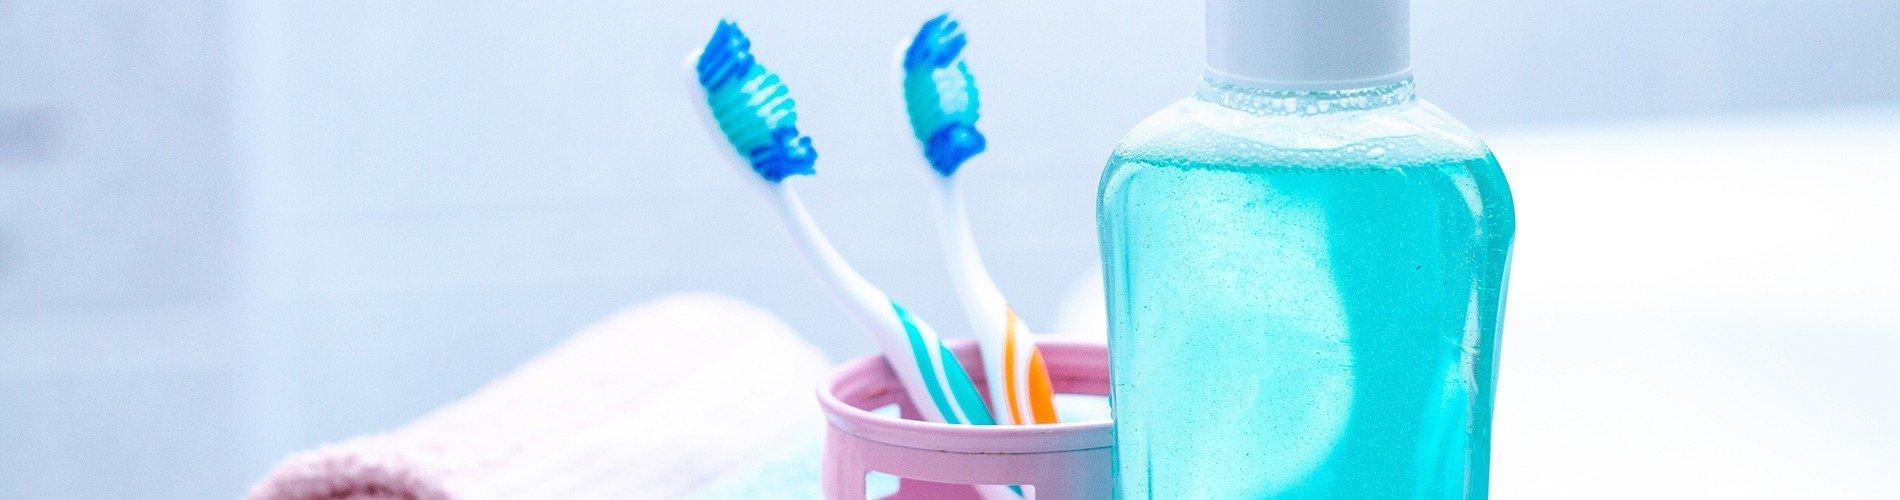 El colutorio, ideal para la higiene oral